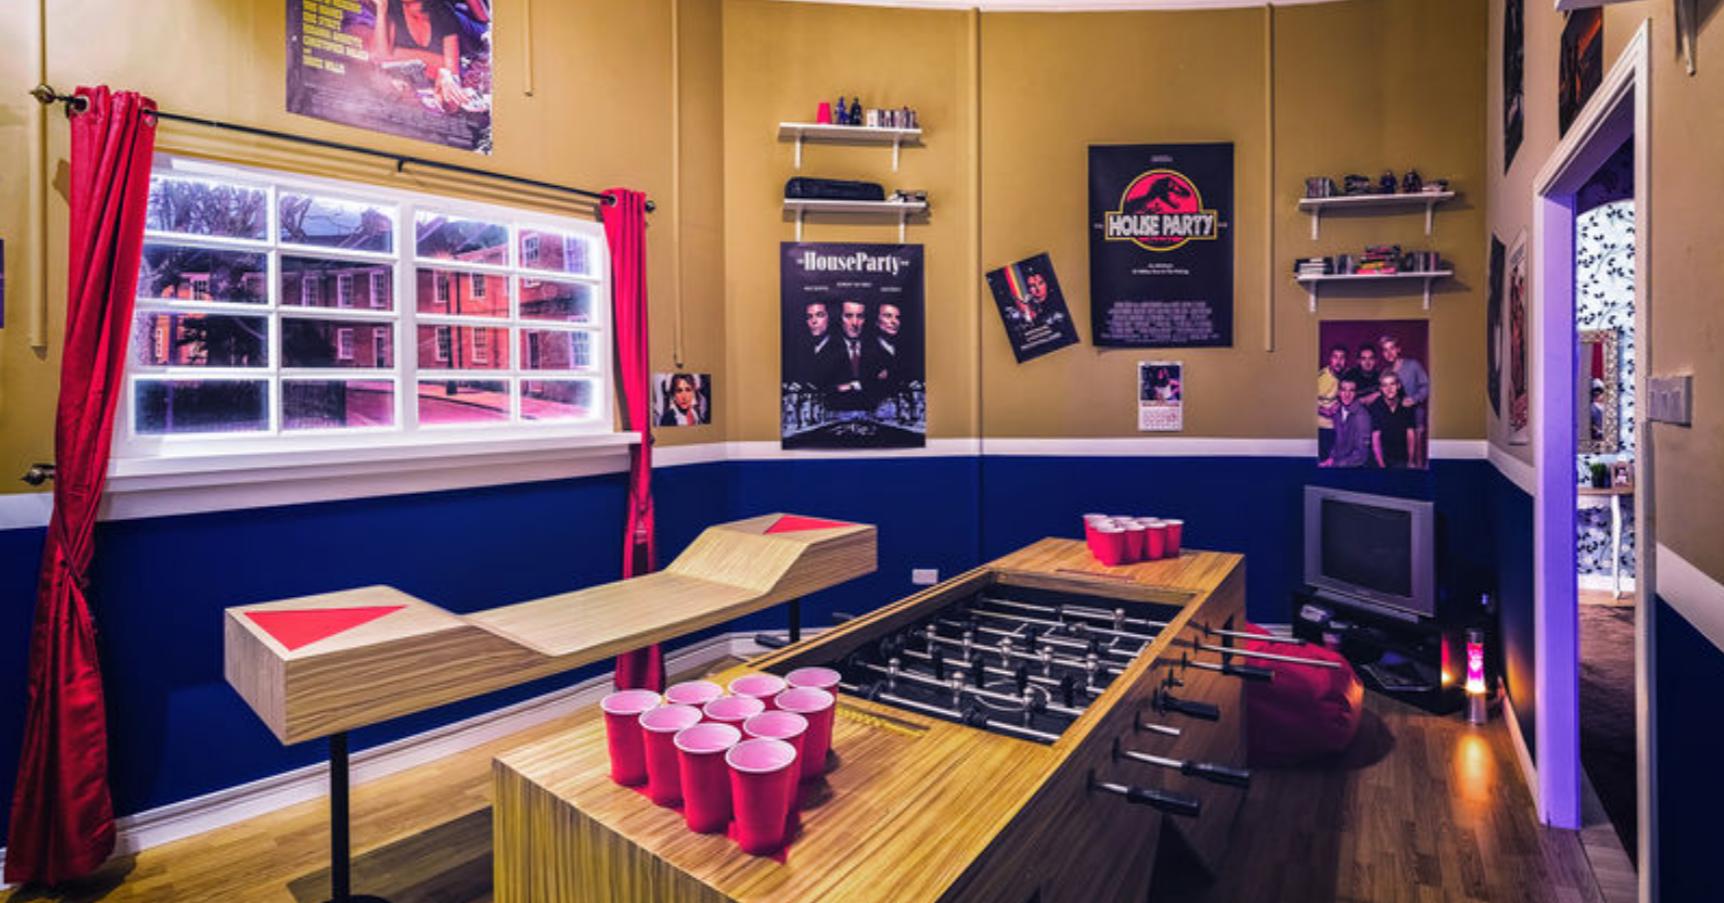 birthday in dubai - the house party bar dubai birthday ideas in dubai